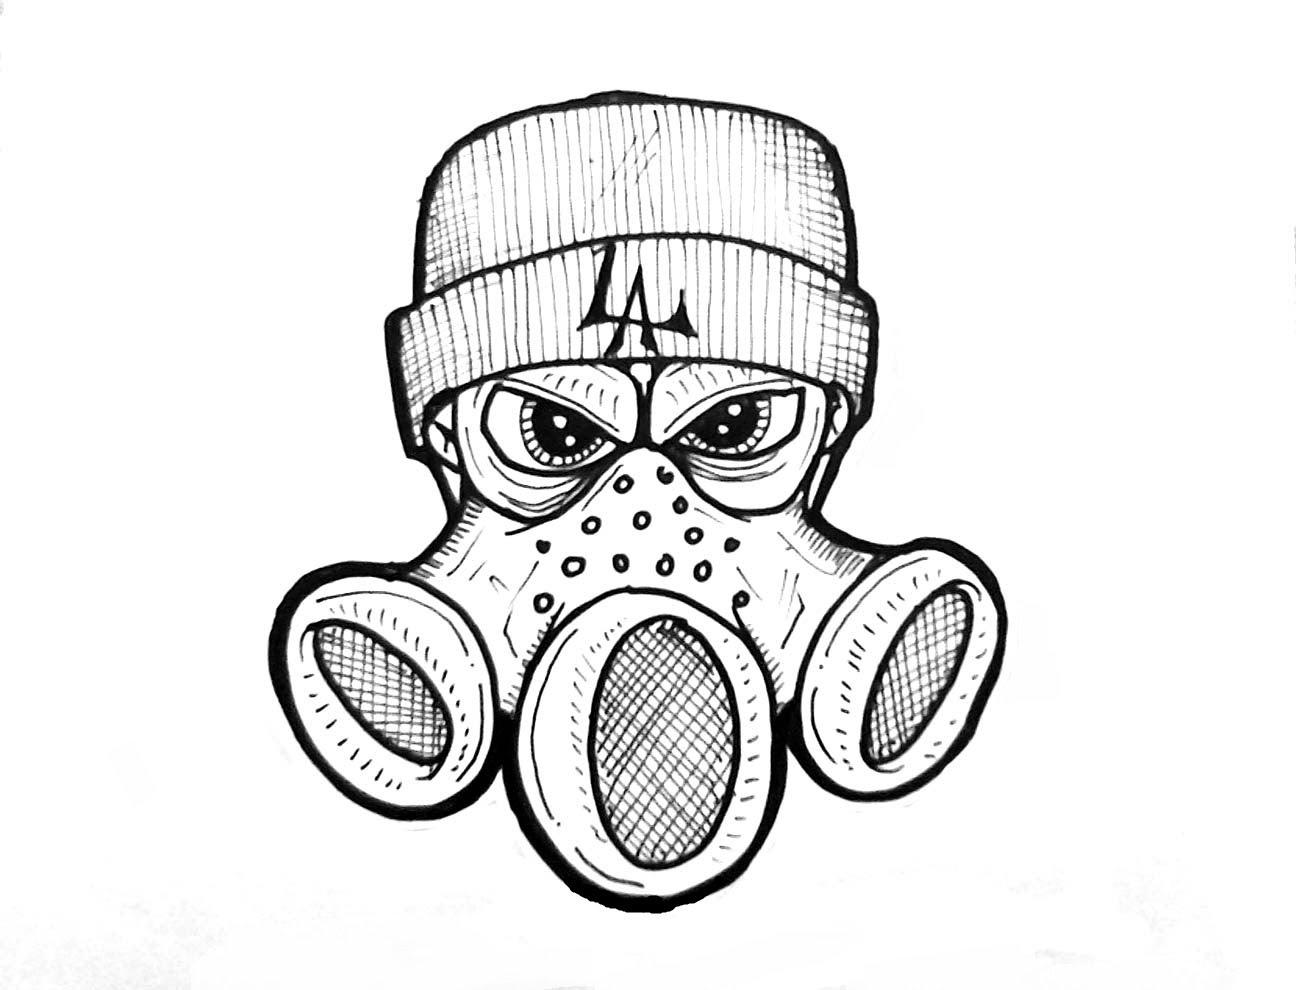 1296x990 Sick Skull Graffiti Drawings Sick Drawing Of Skulls With Graffiti